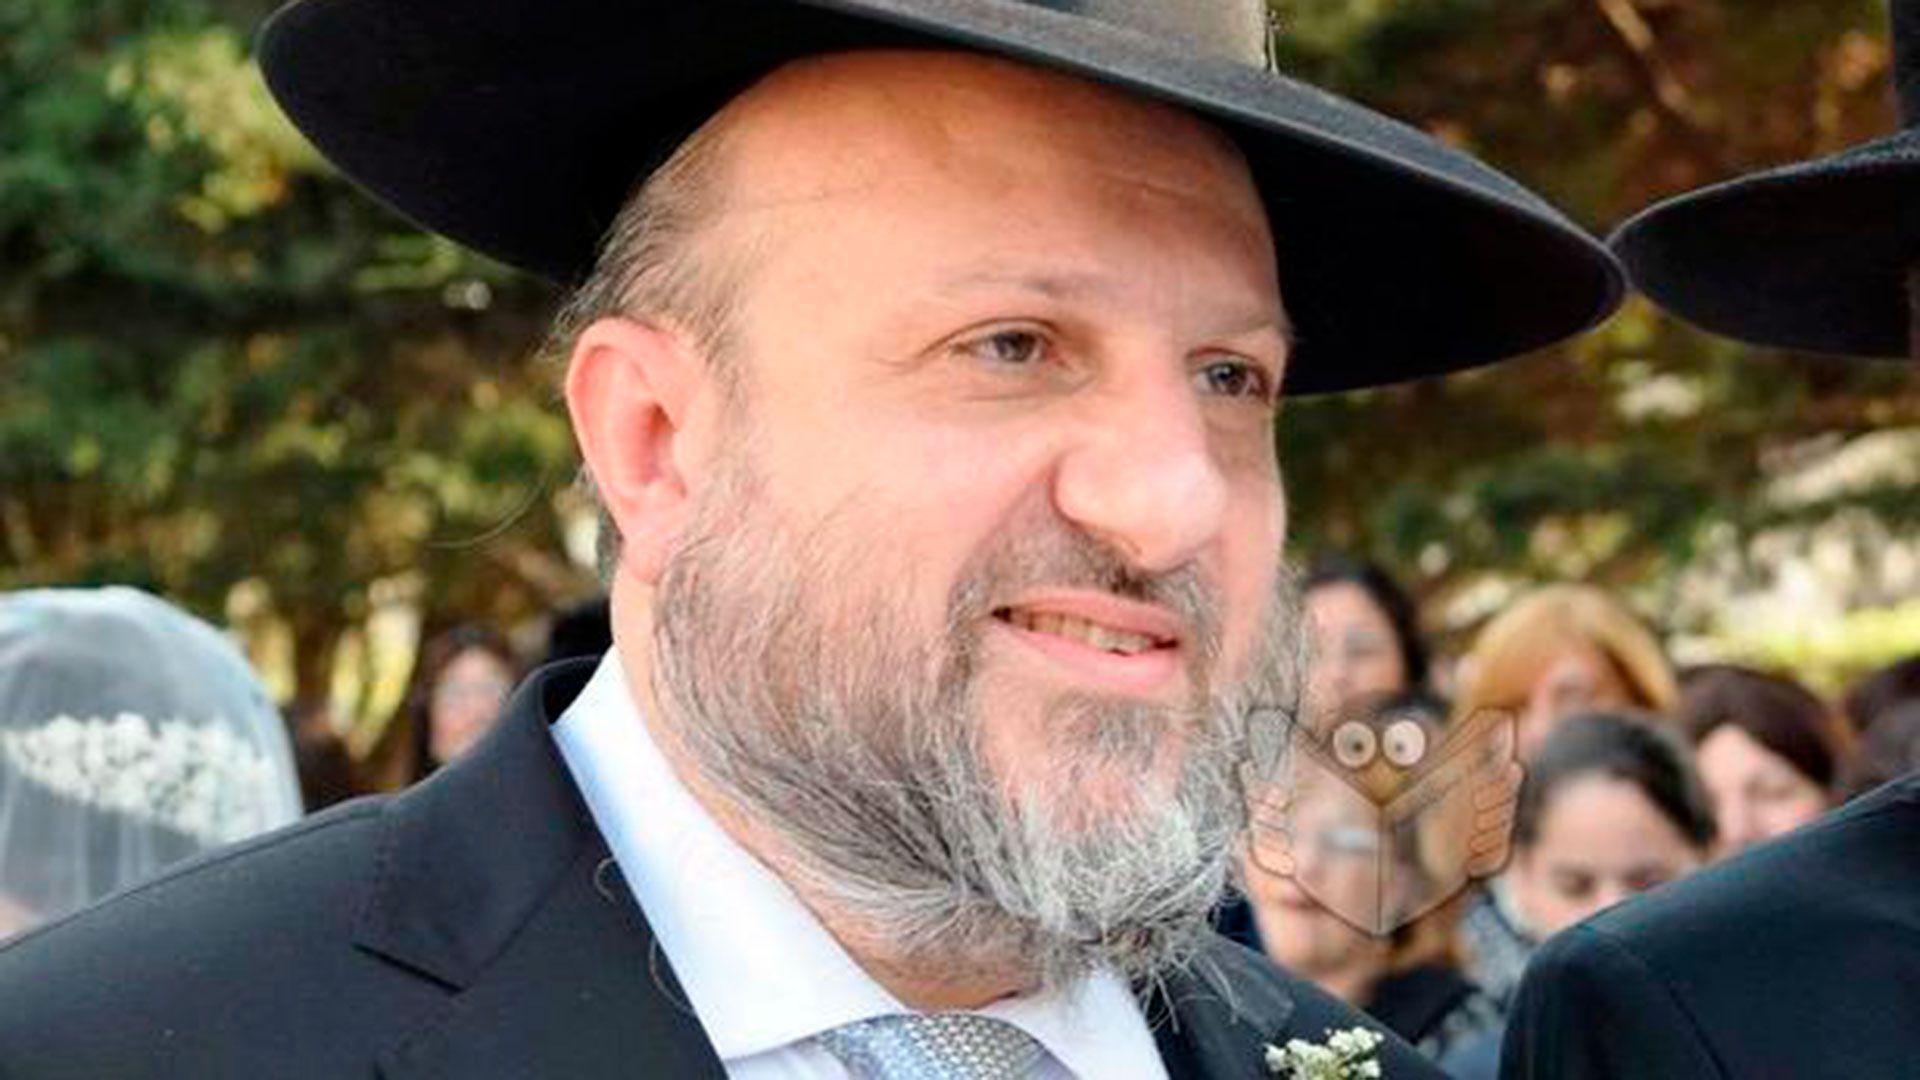 El rabino Gabriel Yabra tenía 55 años y estaba internado desde el sábado en terapia intensiva. Murió hoy de coronavirus (Fuente / Agencia AJN)